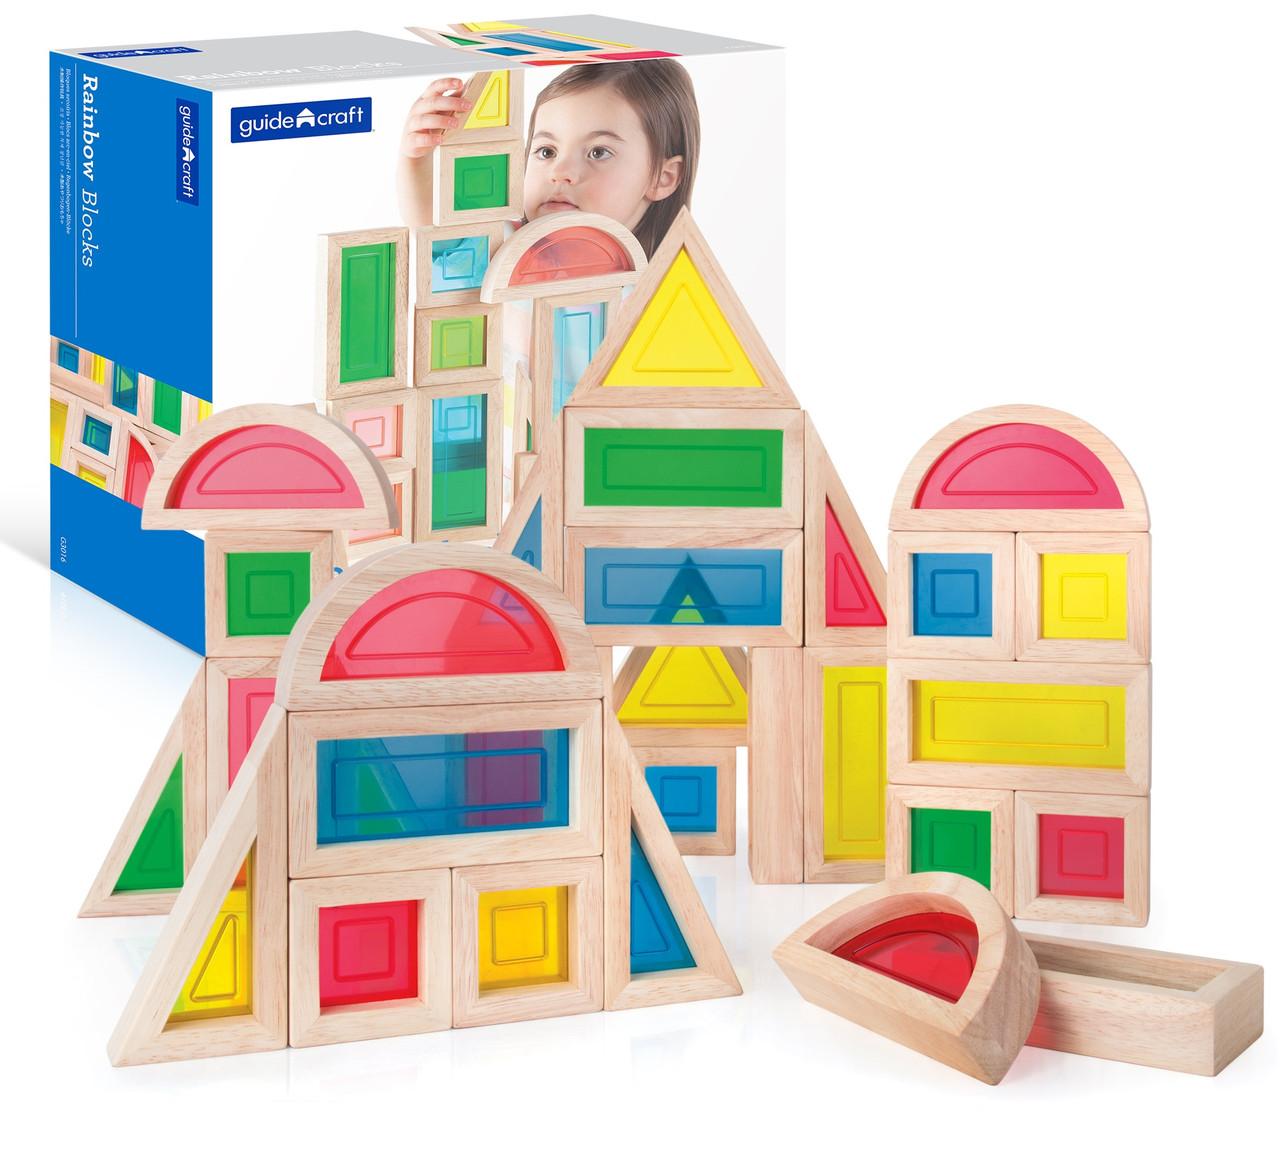 Набор стандартных блоков Большая радуга Block Play Guidecraft 30 шт. (G3016)